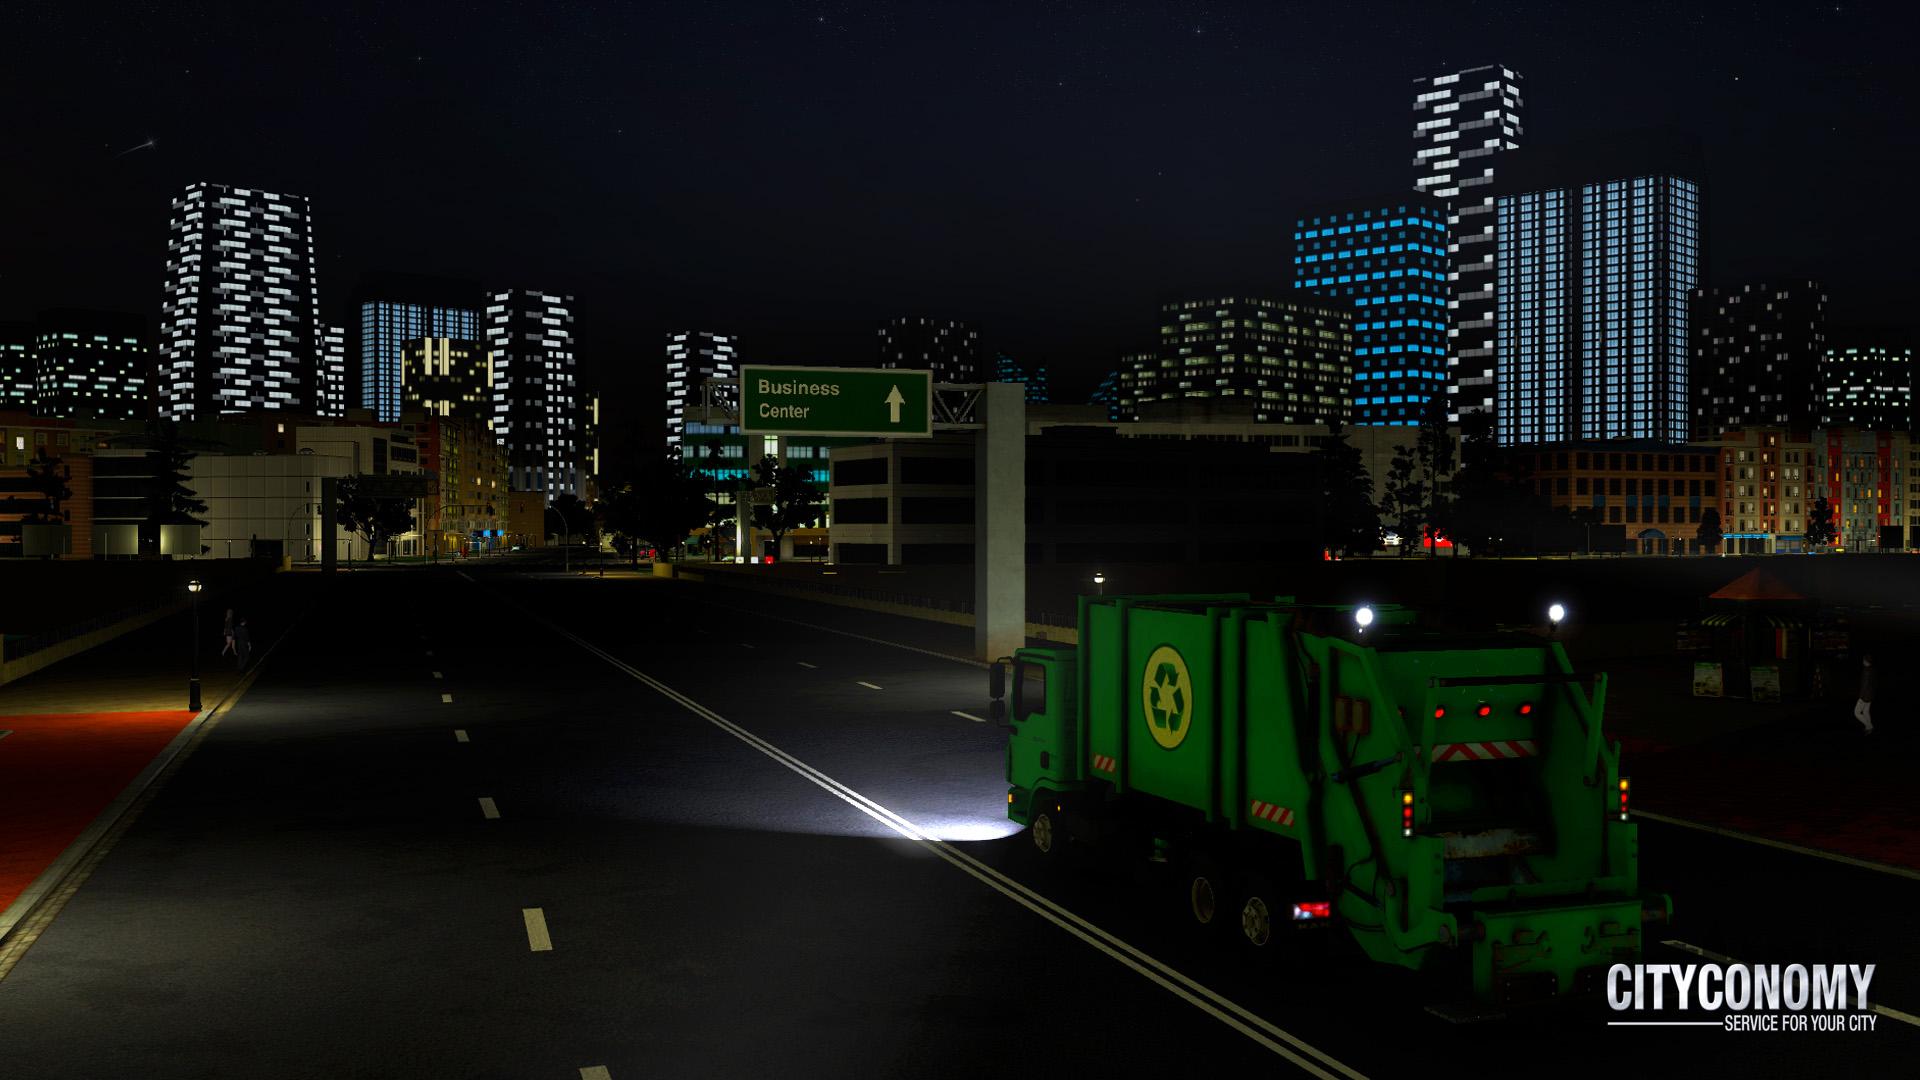 V simulátoru Cityconomy se budete starat o veřejné služby města 116069